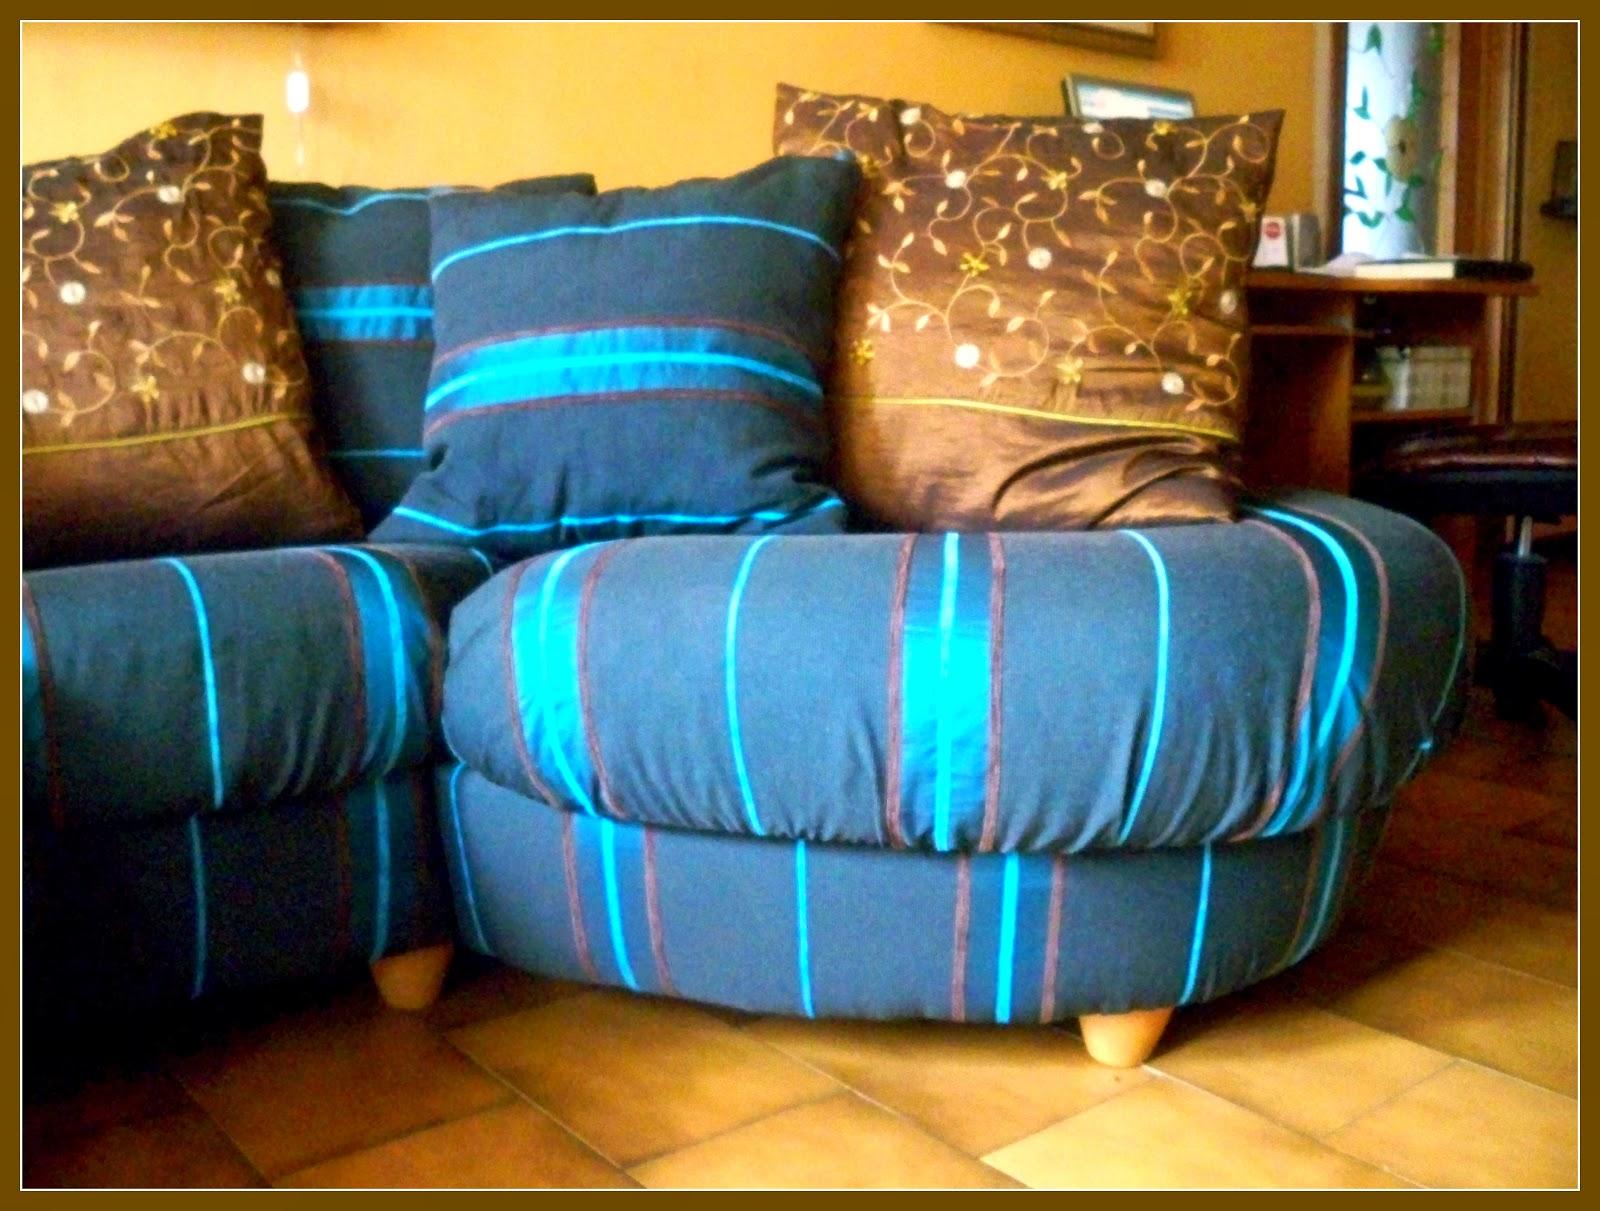 Taller campesino riciclare vecchio divano nuovo divano - Divano smontabile ...